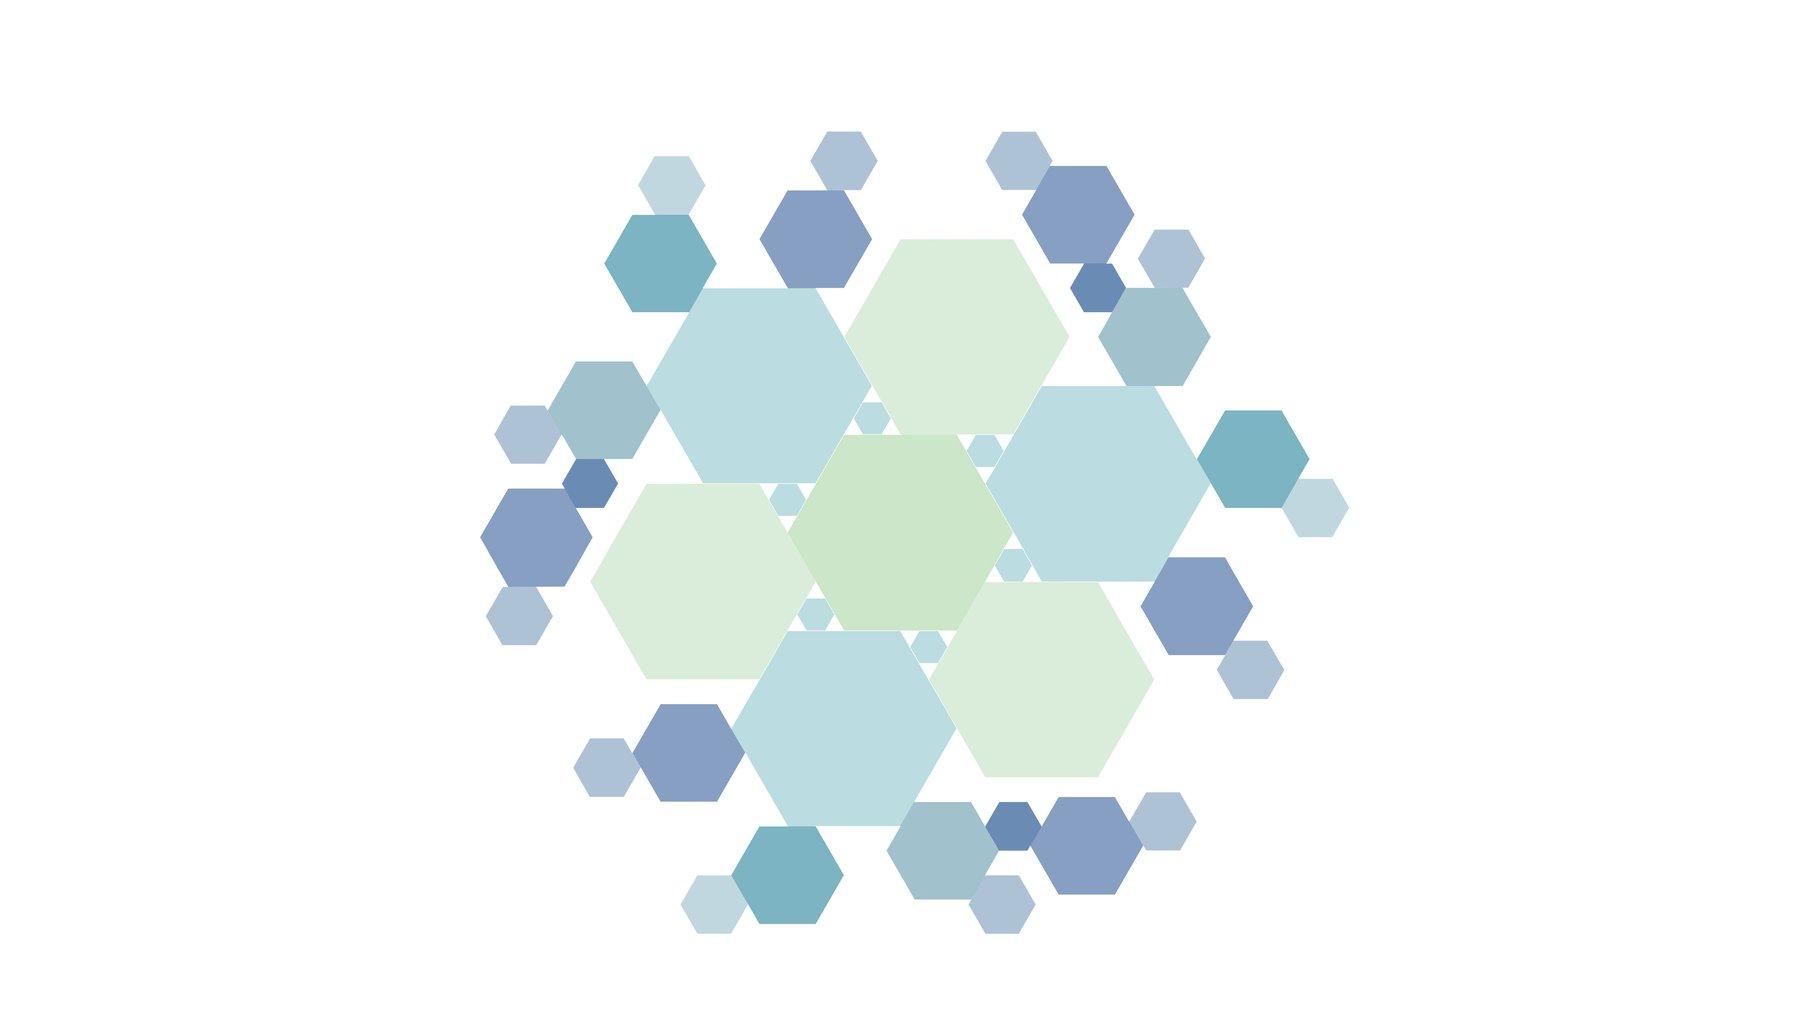 Isometrie Parallelogram